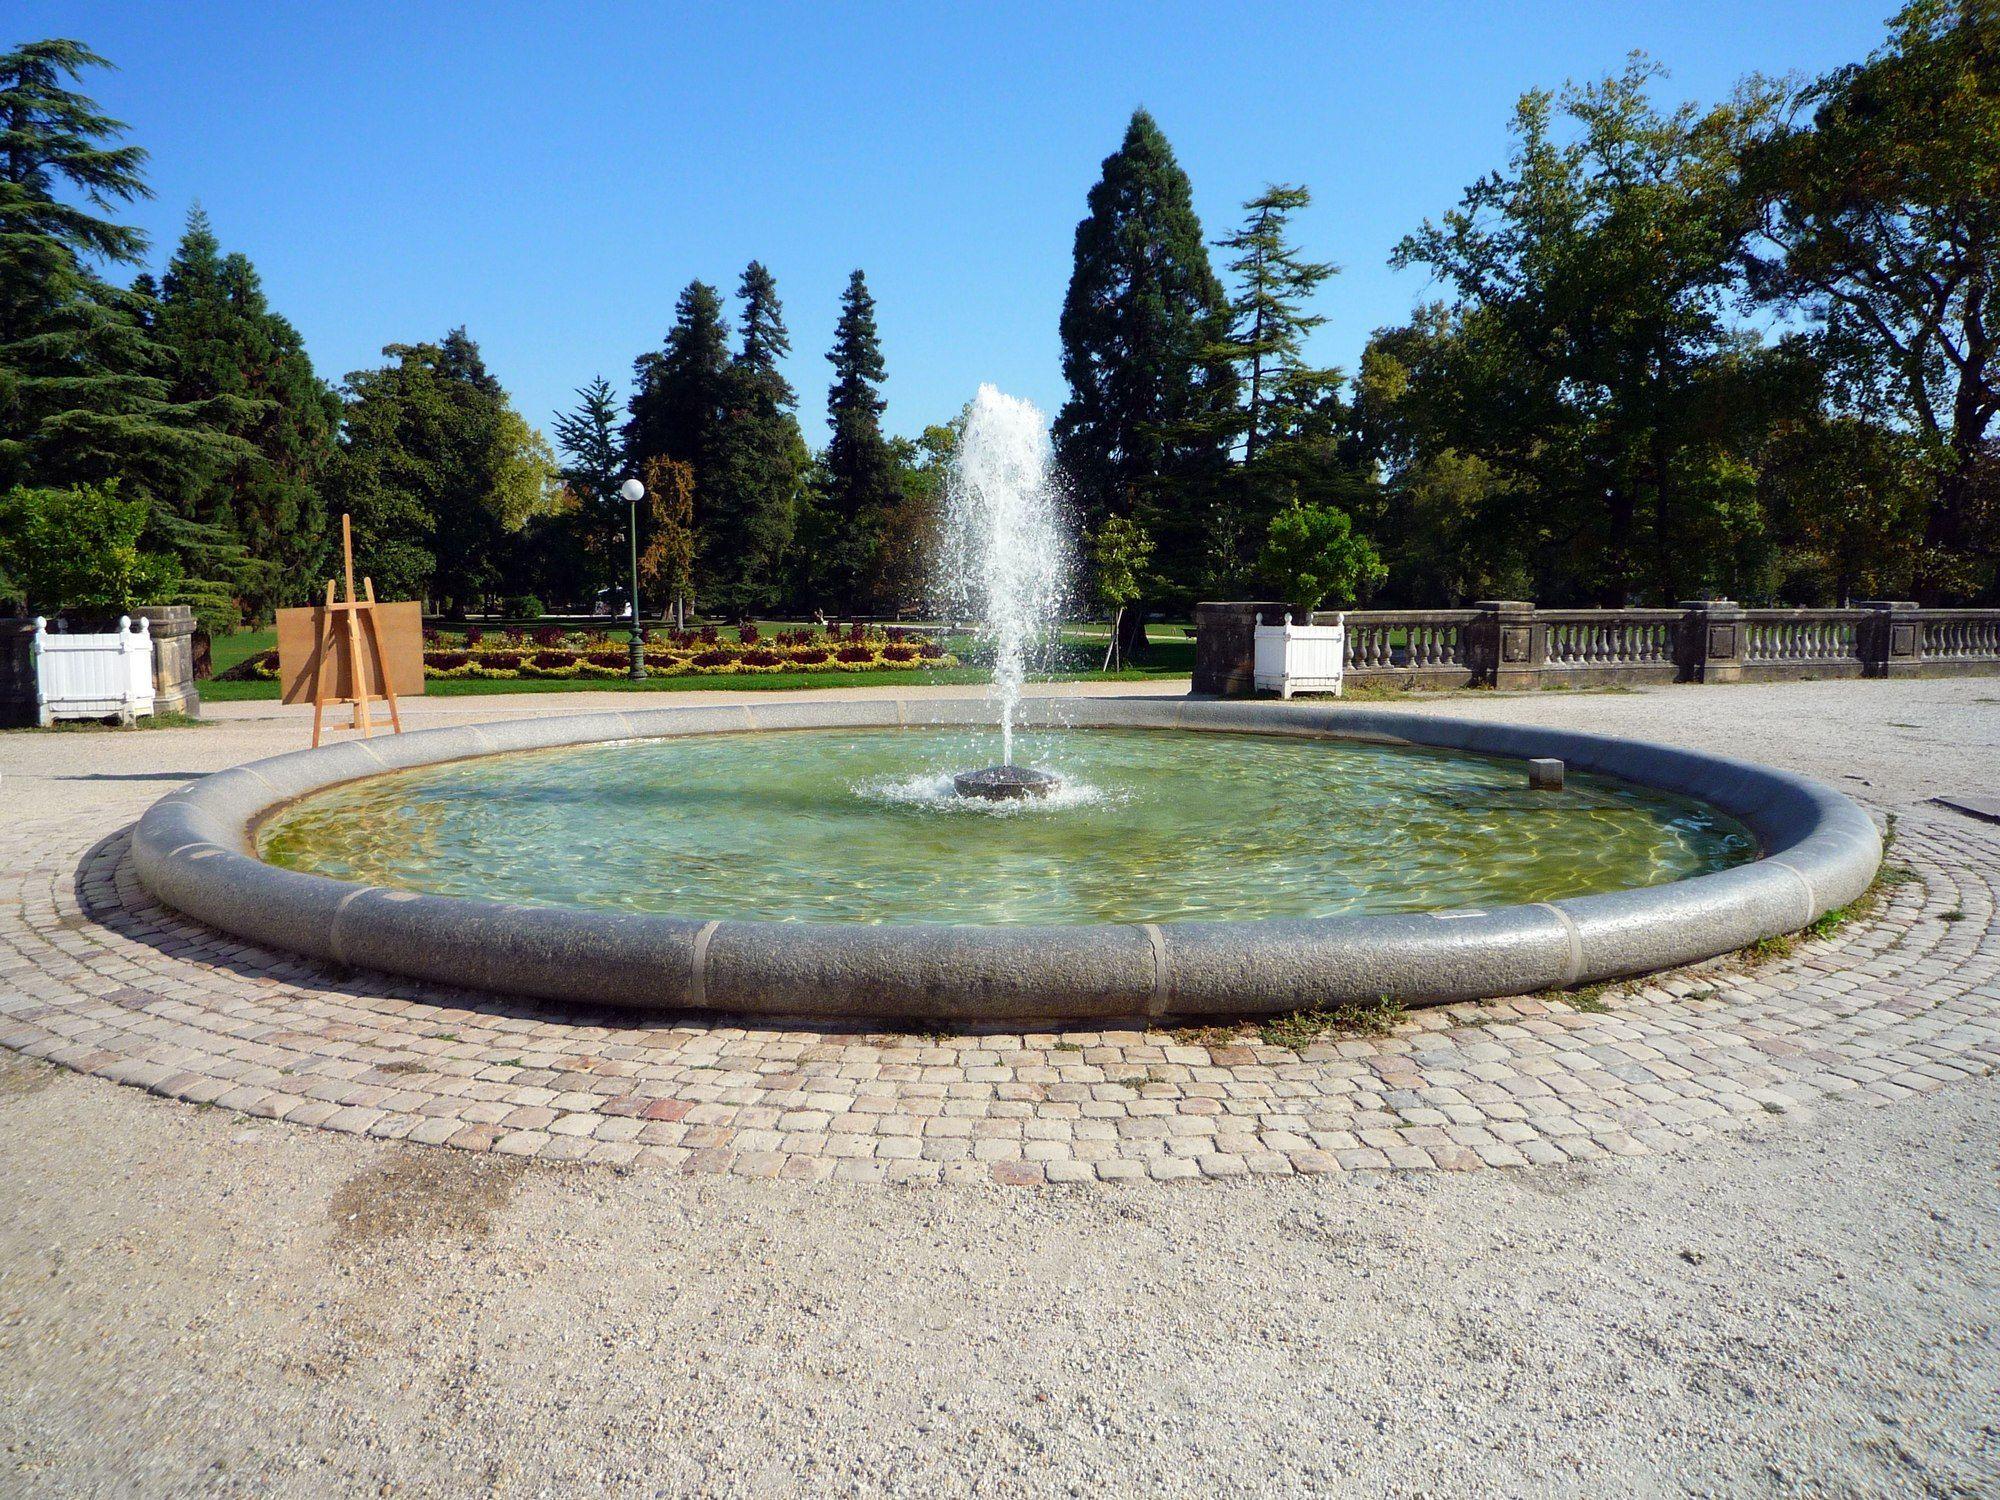 Photo du jardin public de Bordeaux